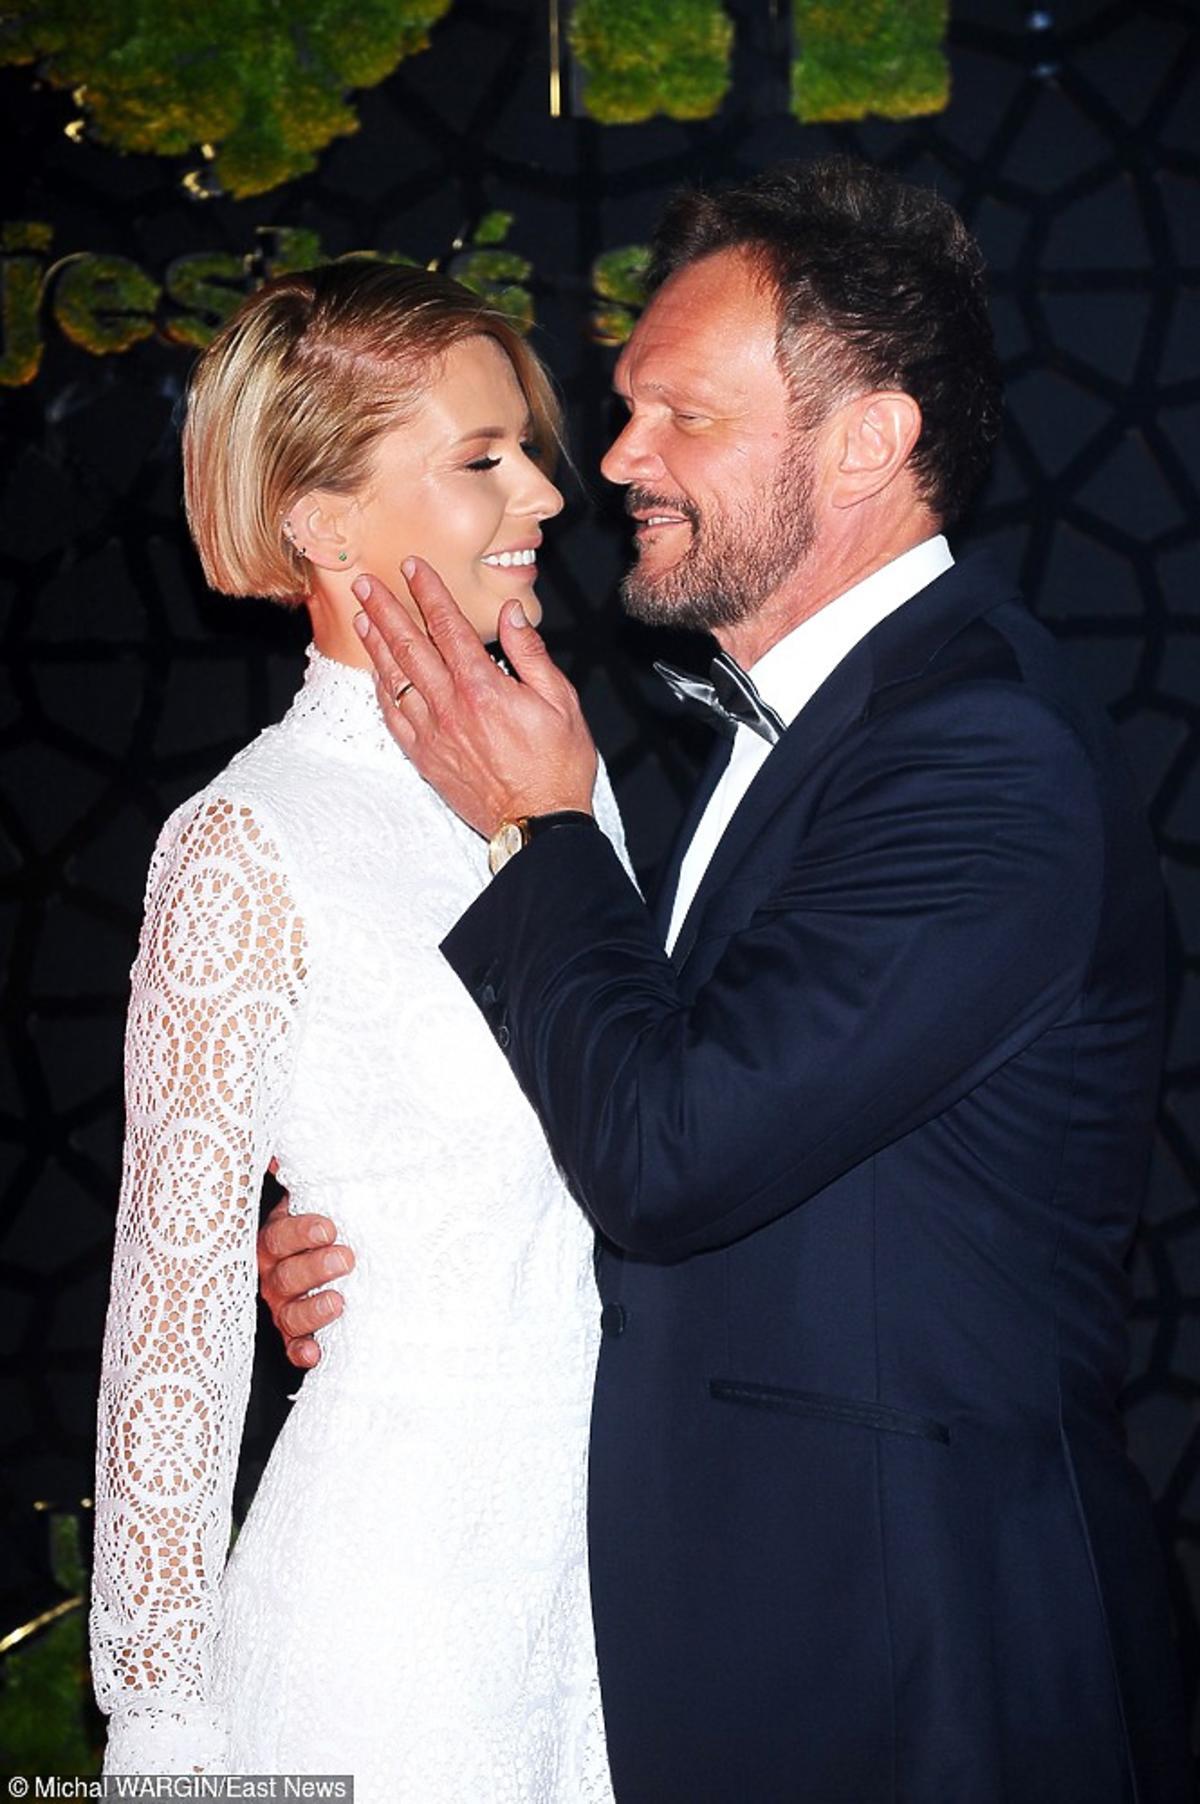 Edyta Zając w białej koronkowej sukni jest przytulana przez męża - Cezarego Pazurę, który jest w czarnym garniturze i dotyka dłonia jej twarzy